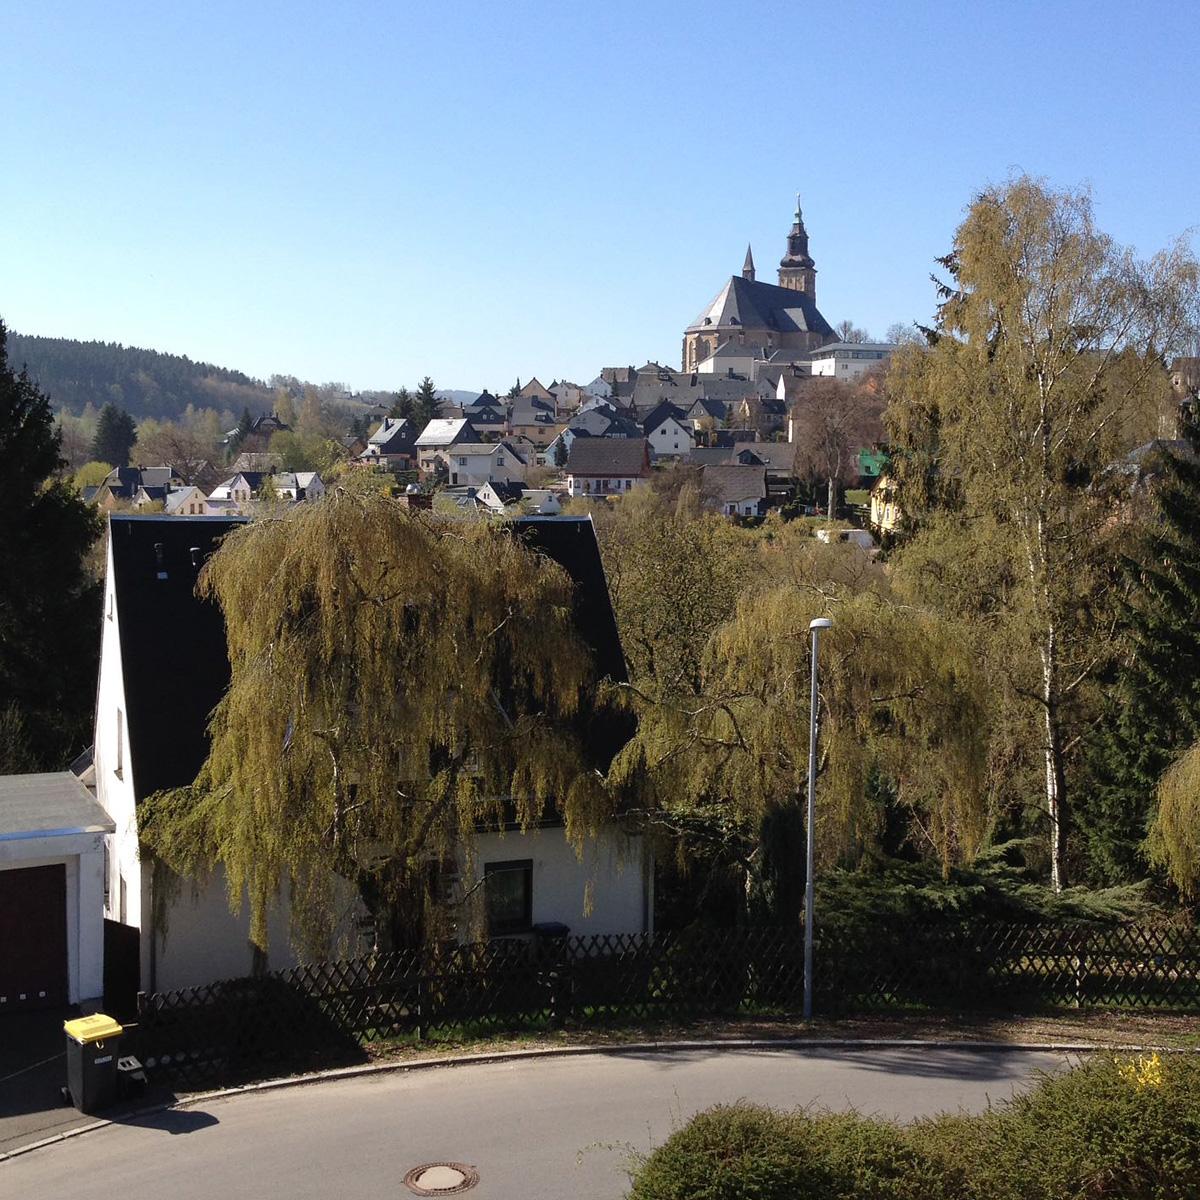 2016 - Ausflug Bad Schlema & Schneeberg